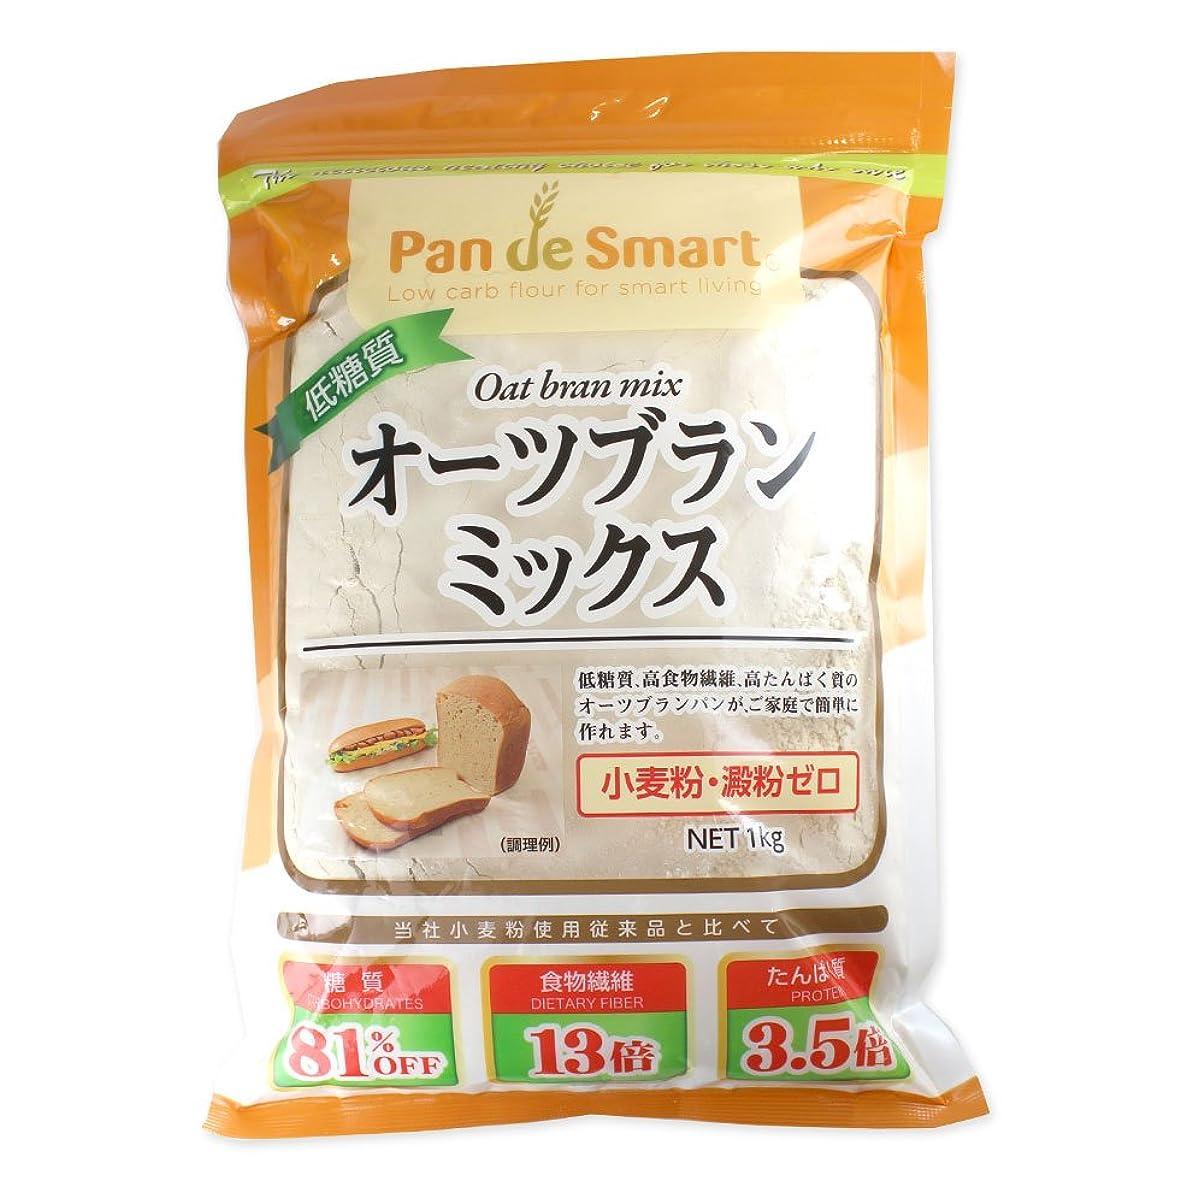 ヤギルアーテザー波里 グルテンフリーお米の粉で作ったミックス粉パン用  500g×5個